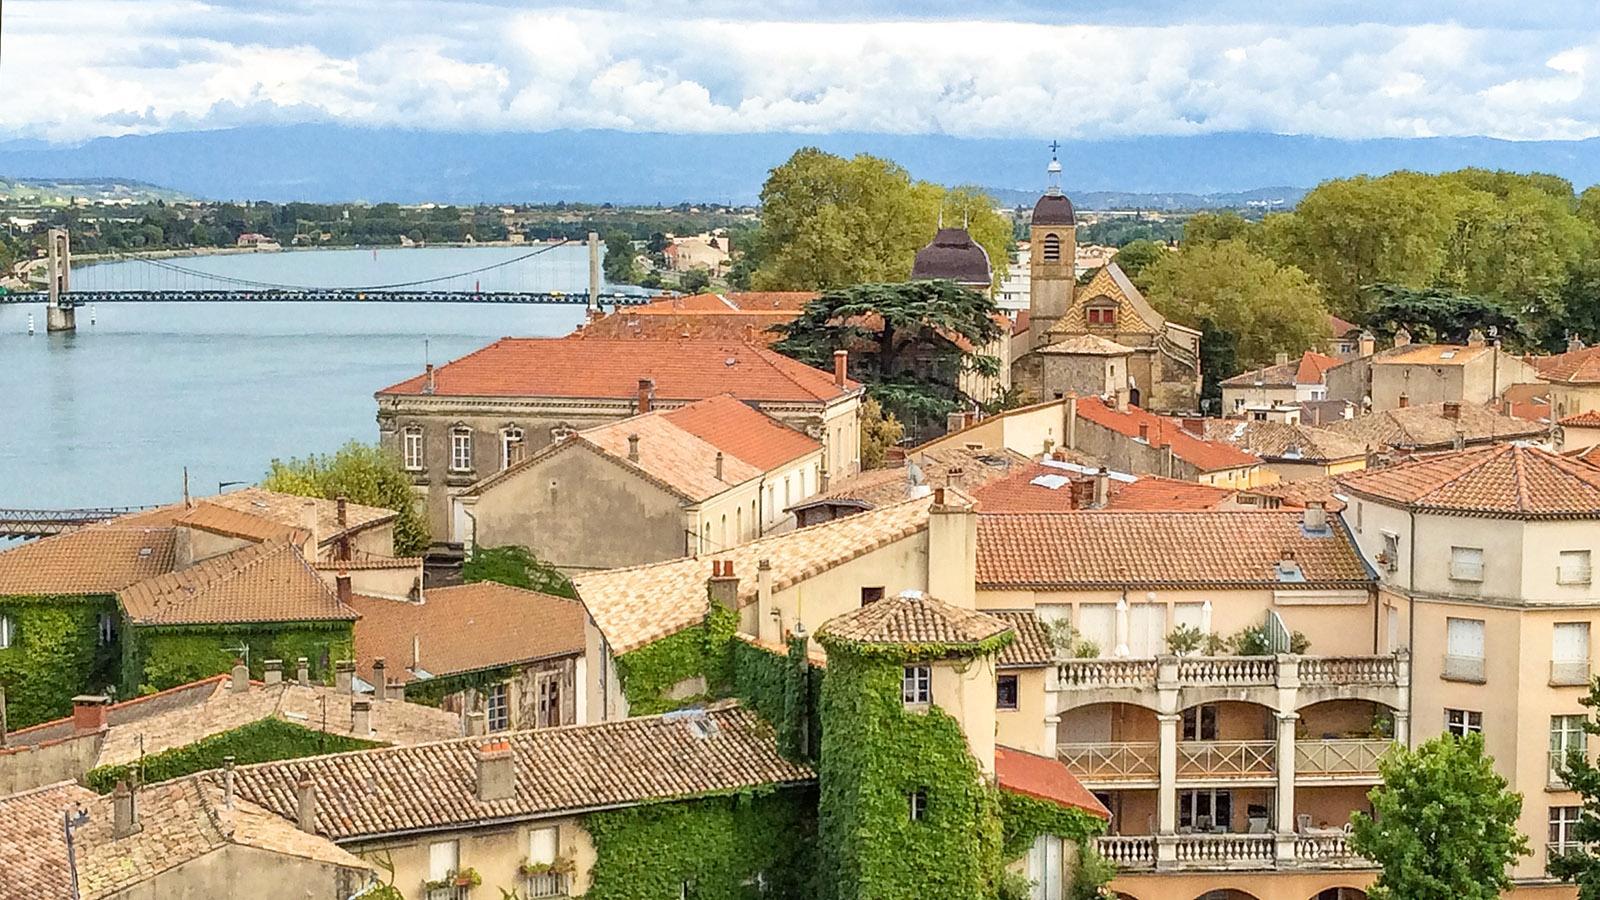 Blick von der Terrasse des Burgschlosses von Tournon. Foto: Hilke Maunder